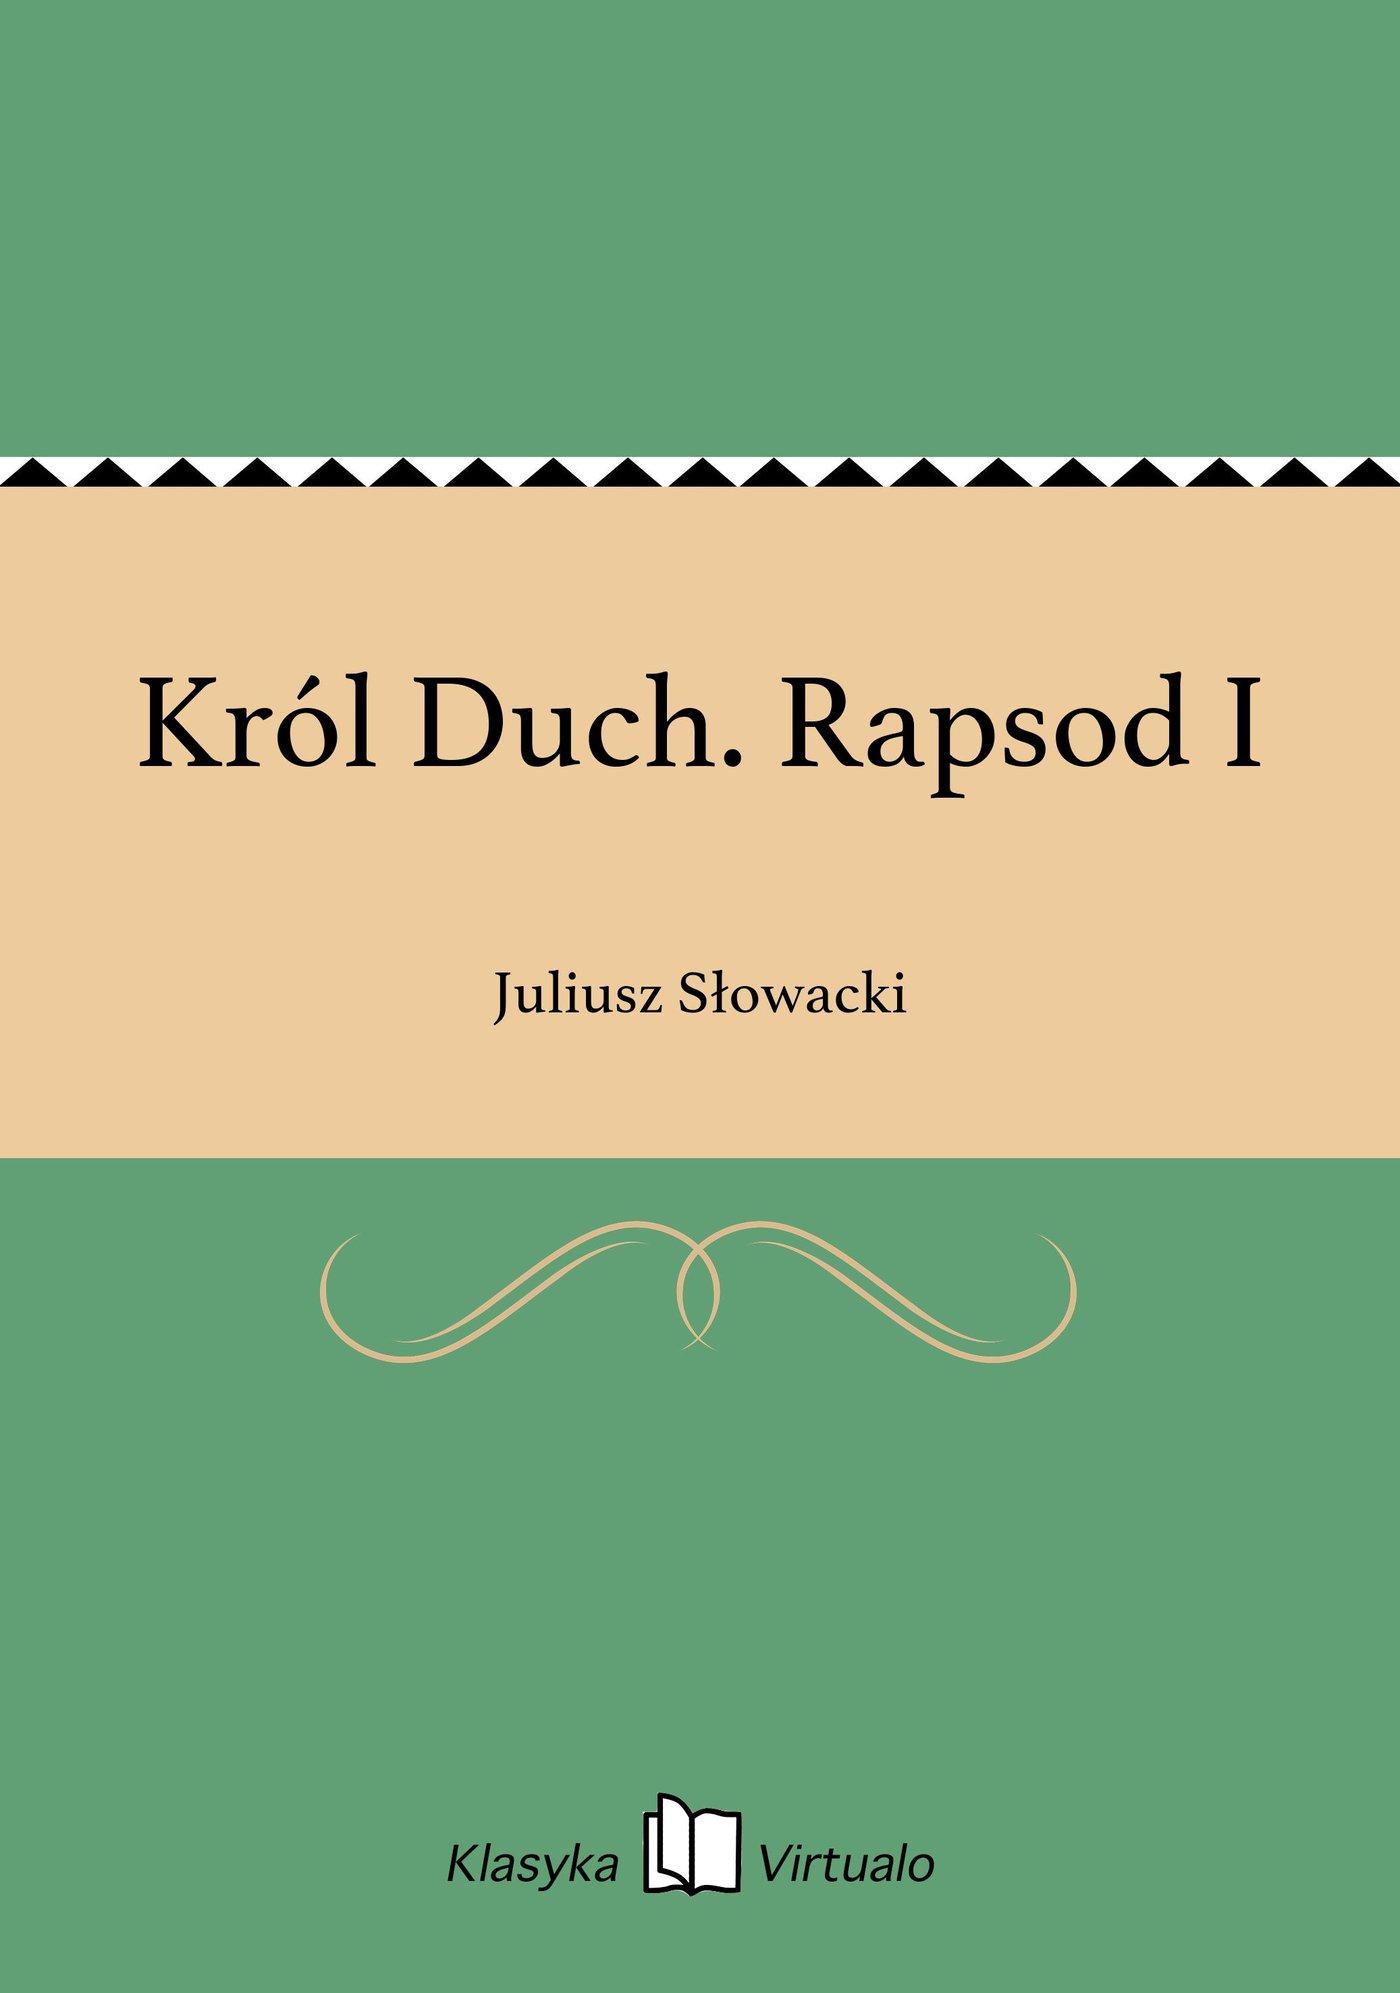 Król Duch. Rapsod I - Ebook (Książka na Kindle) do pobrania w formacie MOBI